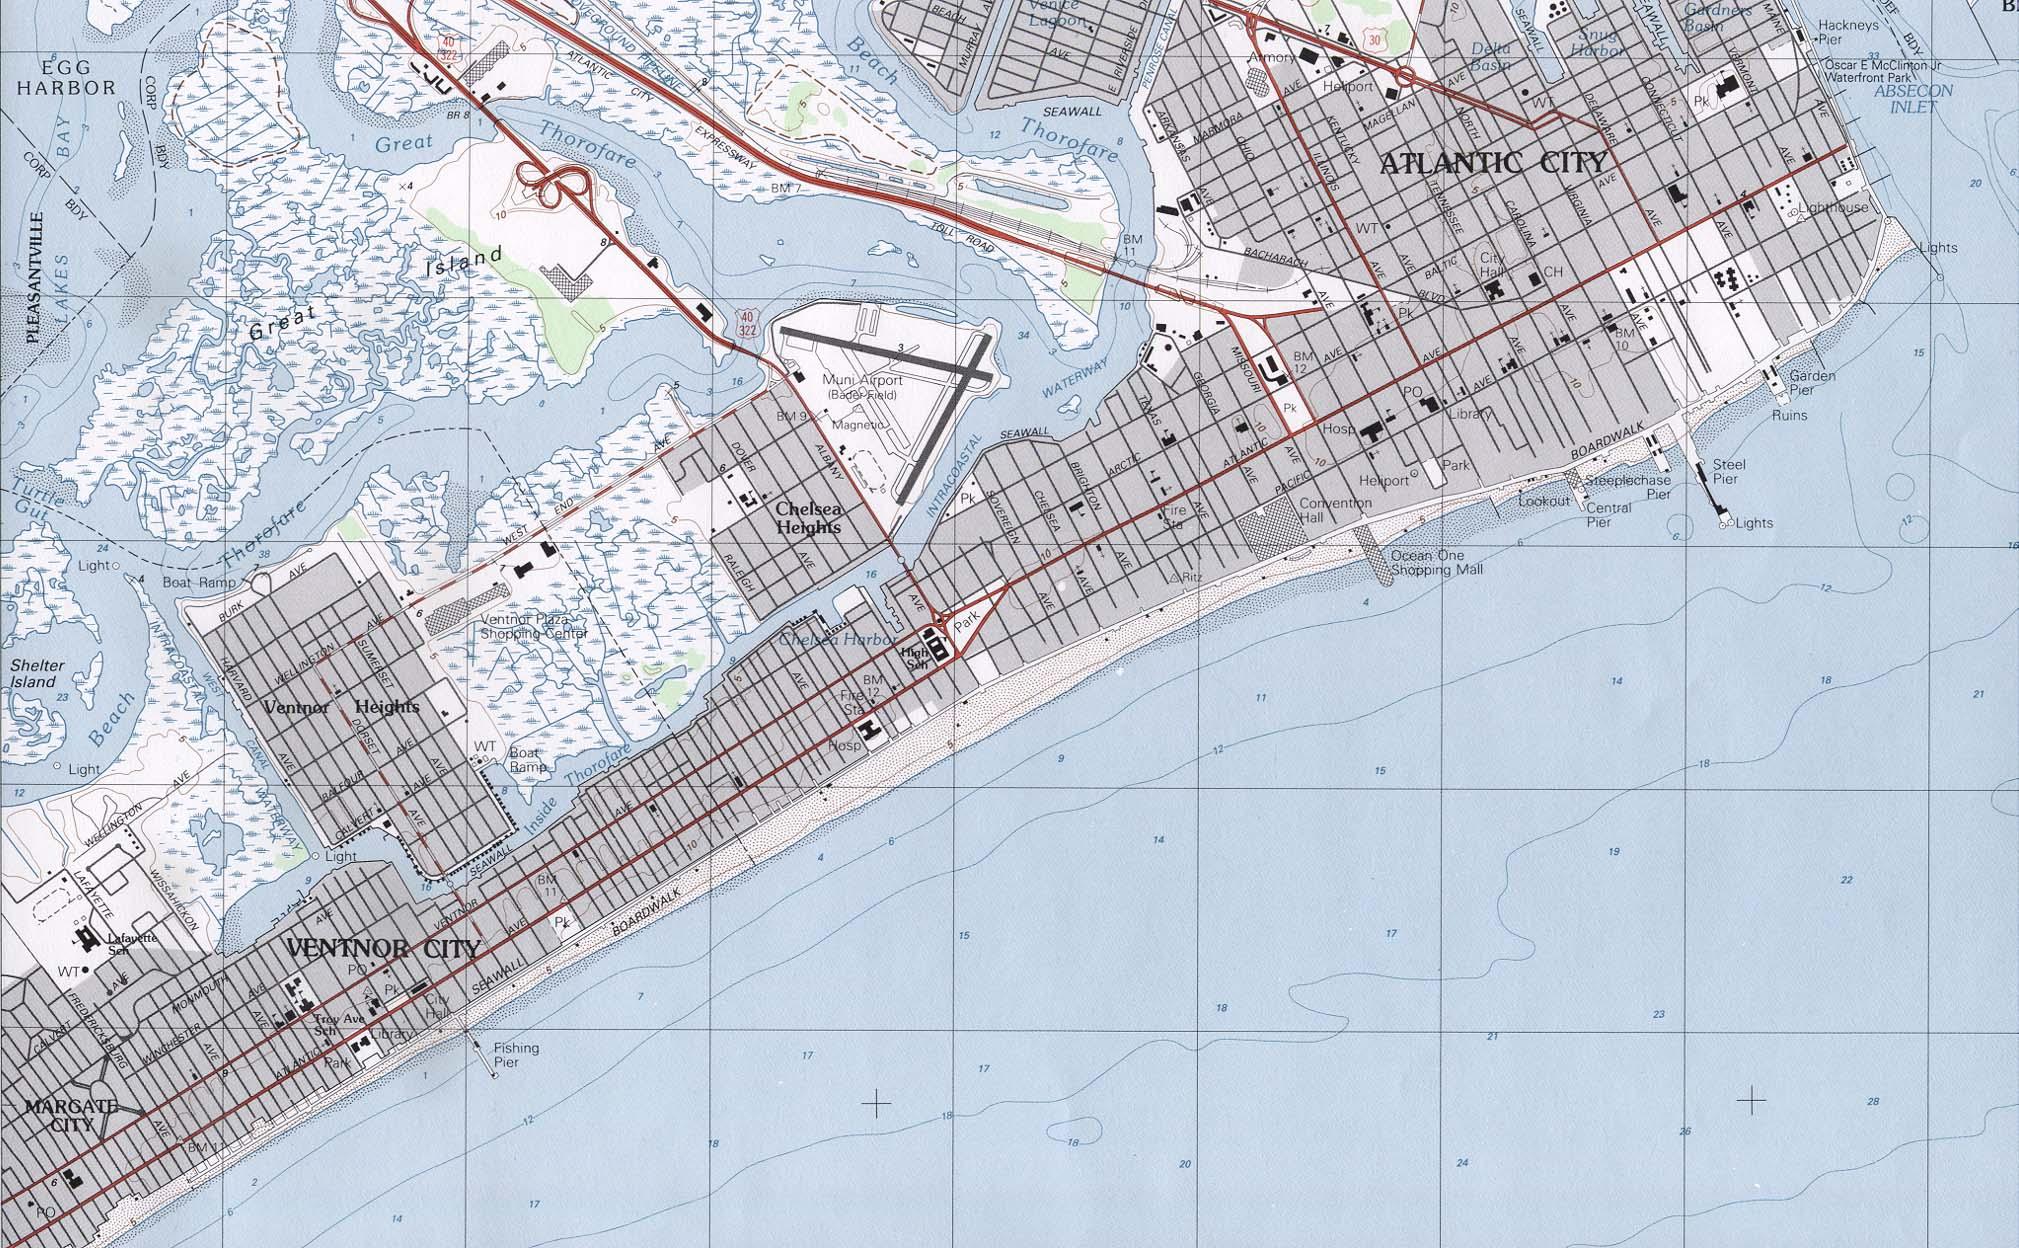 Mapa Topográfico de la Ciudad de Atlantic City, Nueva Jersey, Estados Unidos